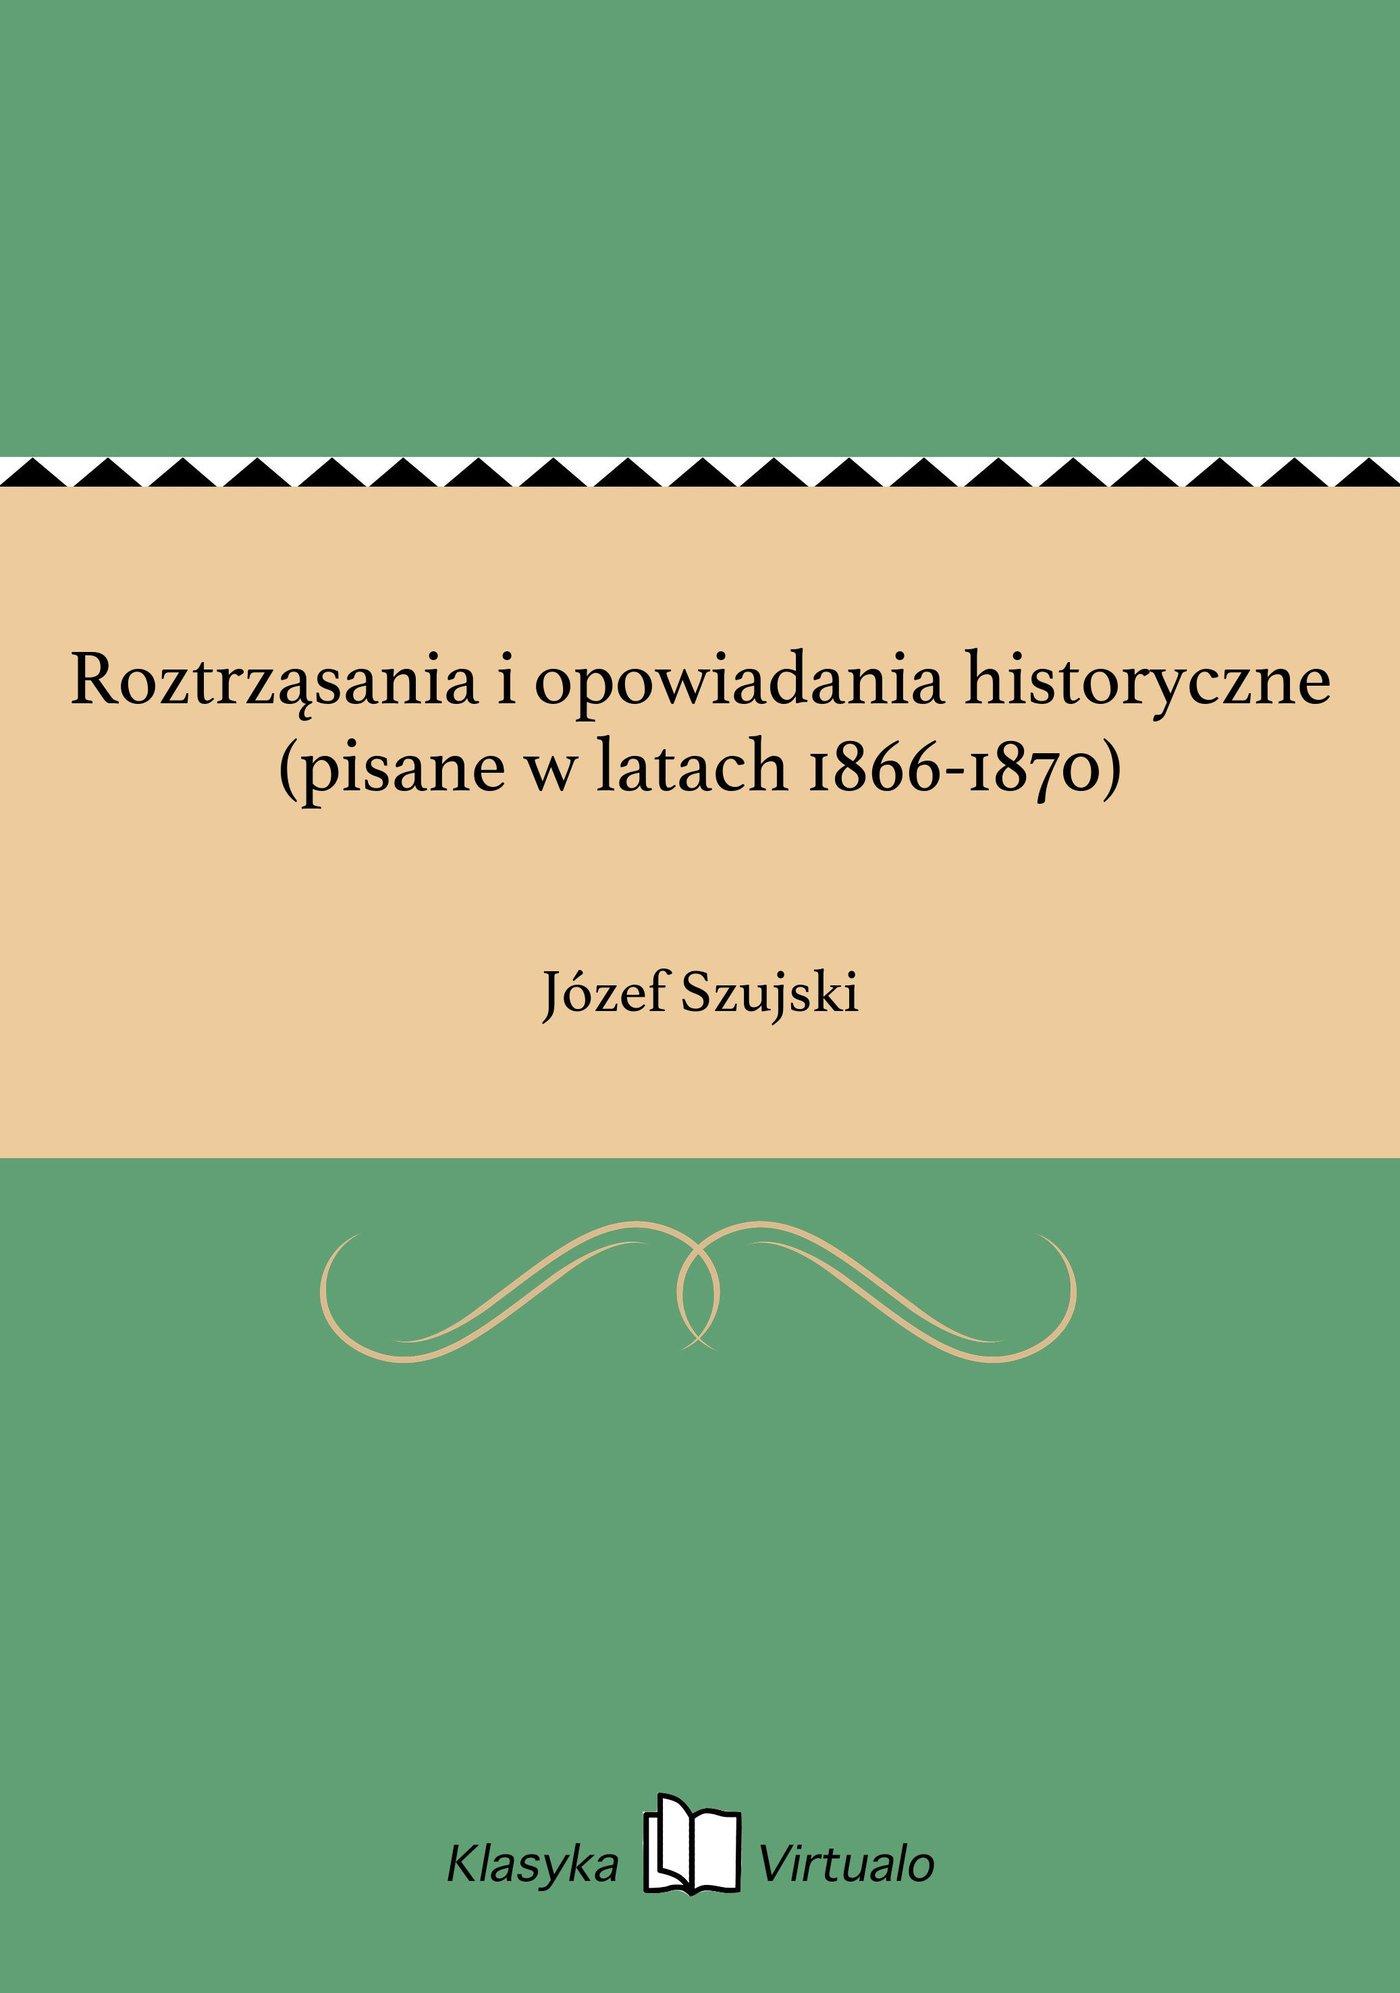 Roztrząsania i opowiadania historyczne (pisane w latach 1866-1870) - Ebook (Książka EPUB) do pobrania w formacie EPUB